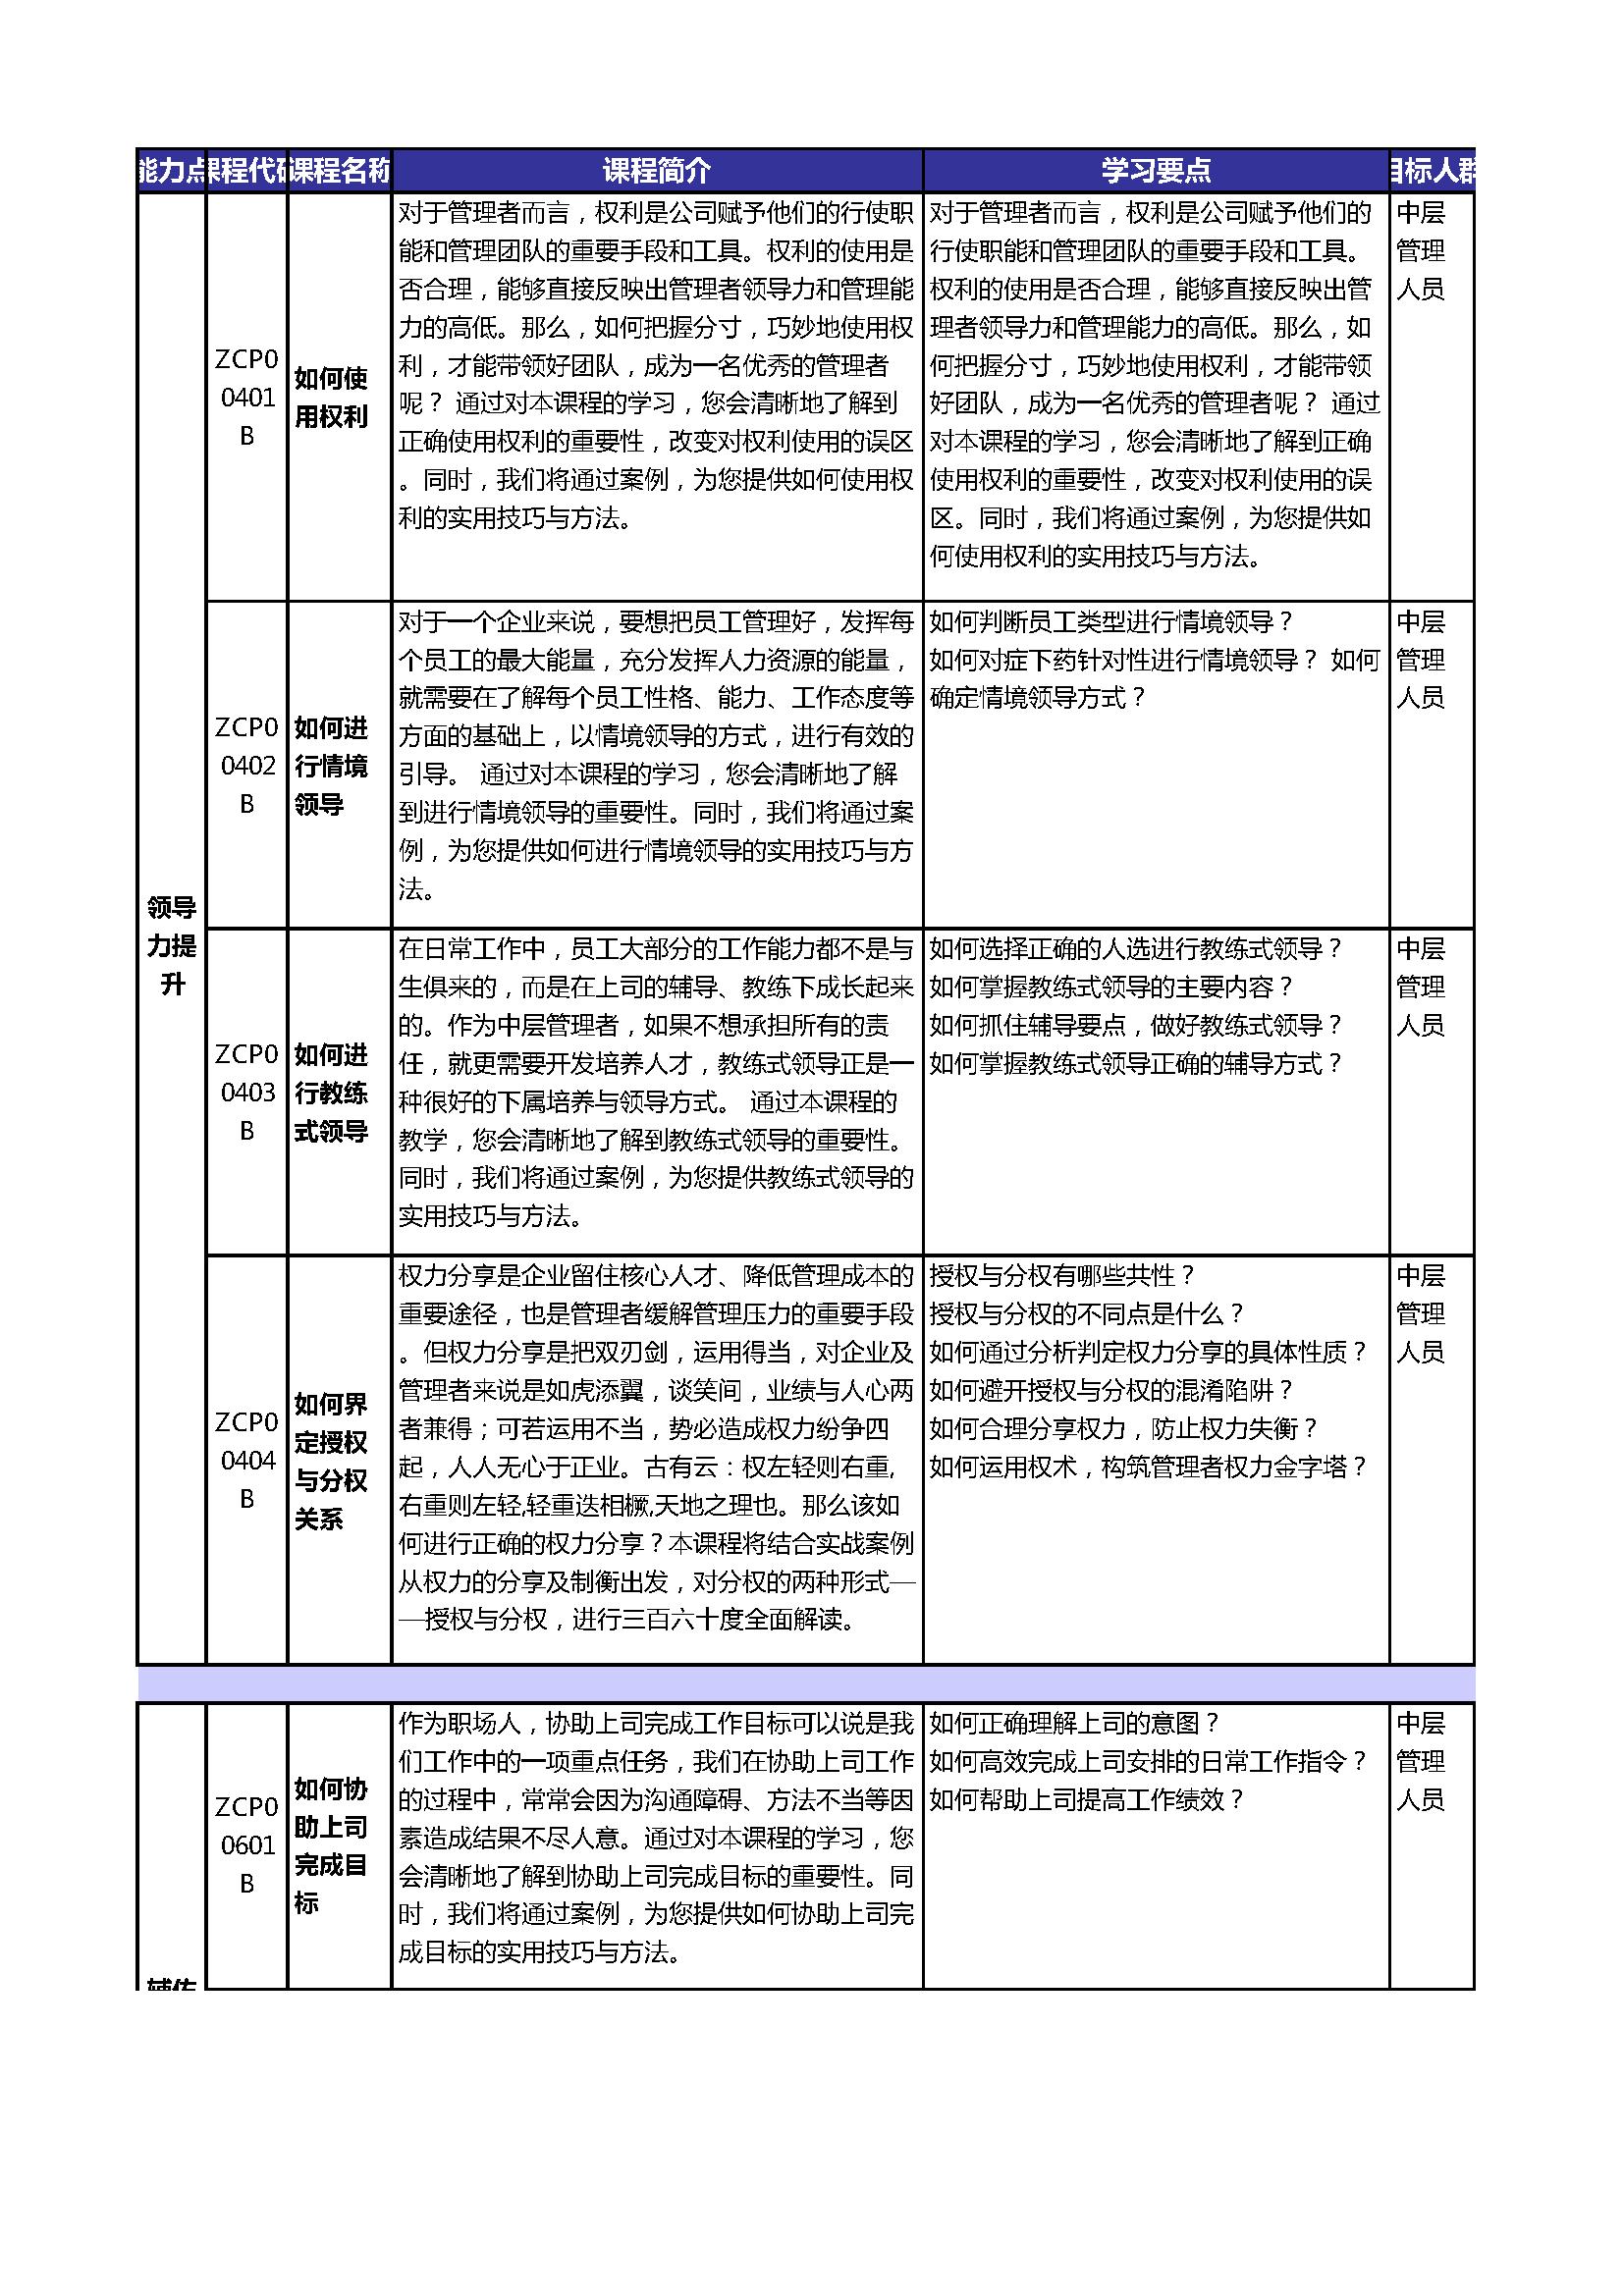 创孵学院拟定课程目录_页面_009.png